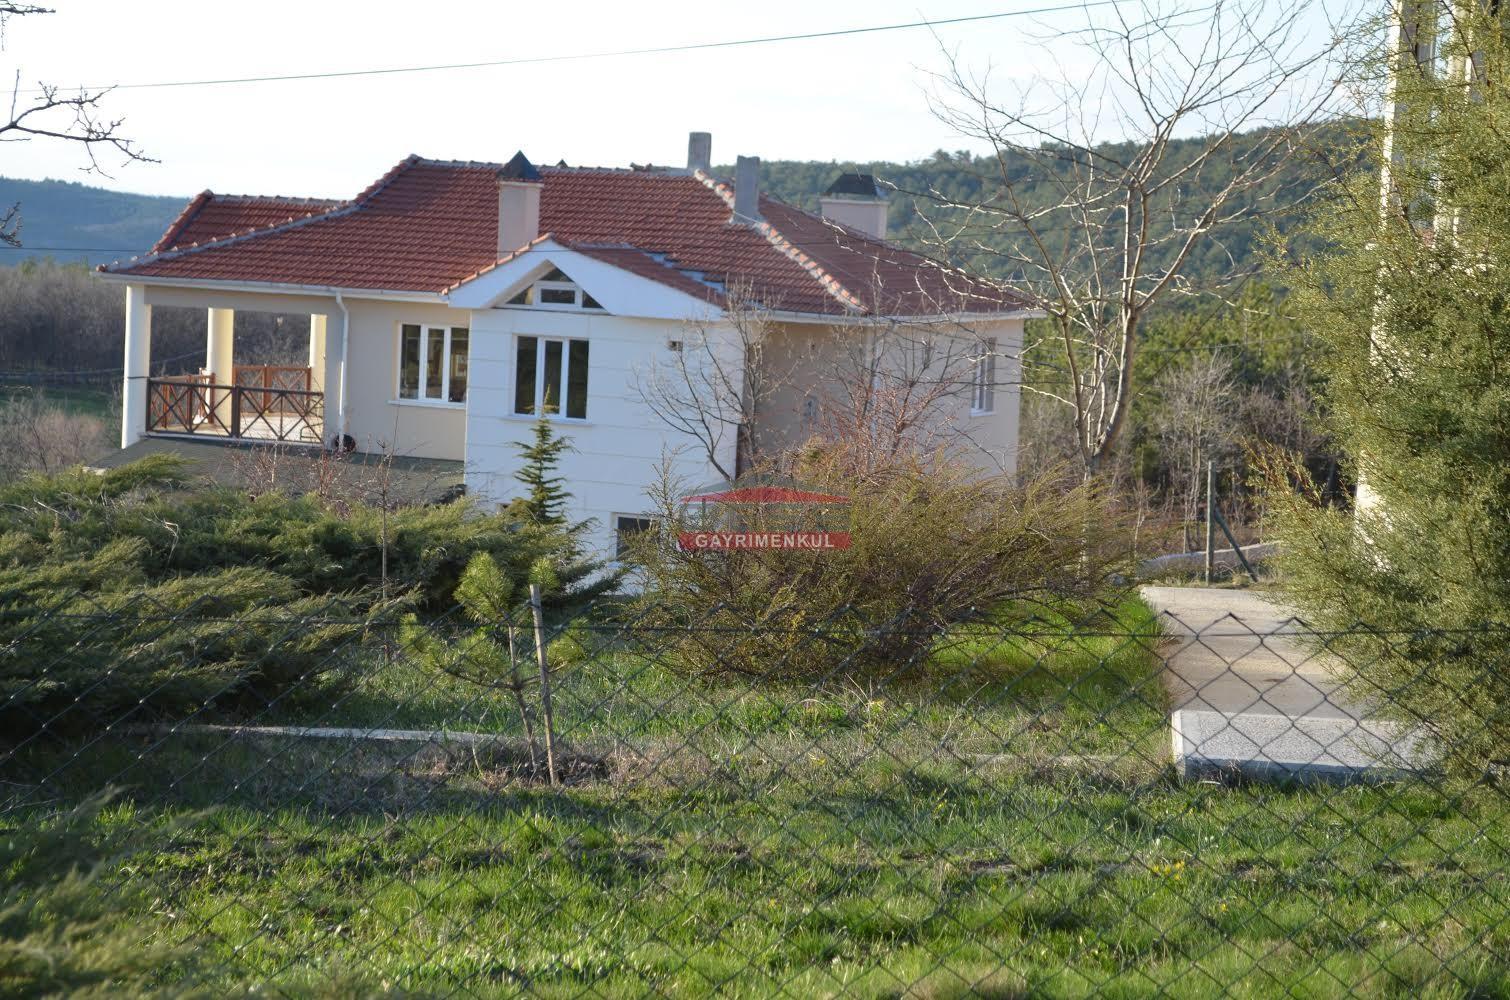 Bess   BESS GAYRİMENKUL'DEN SATILIK 5+2 VİLLA